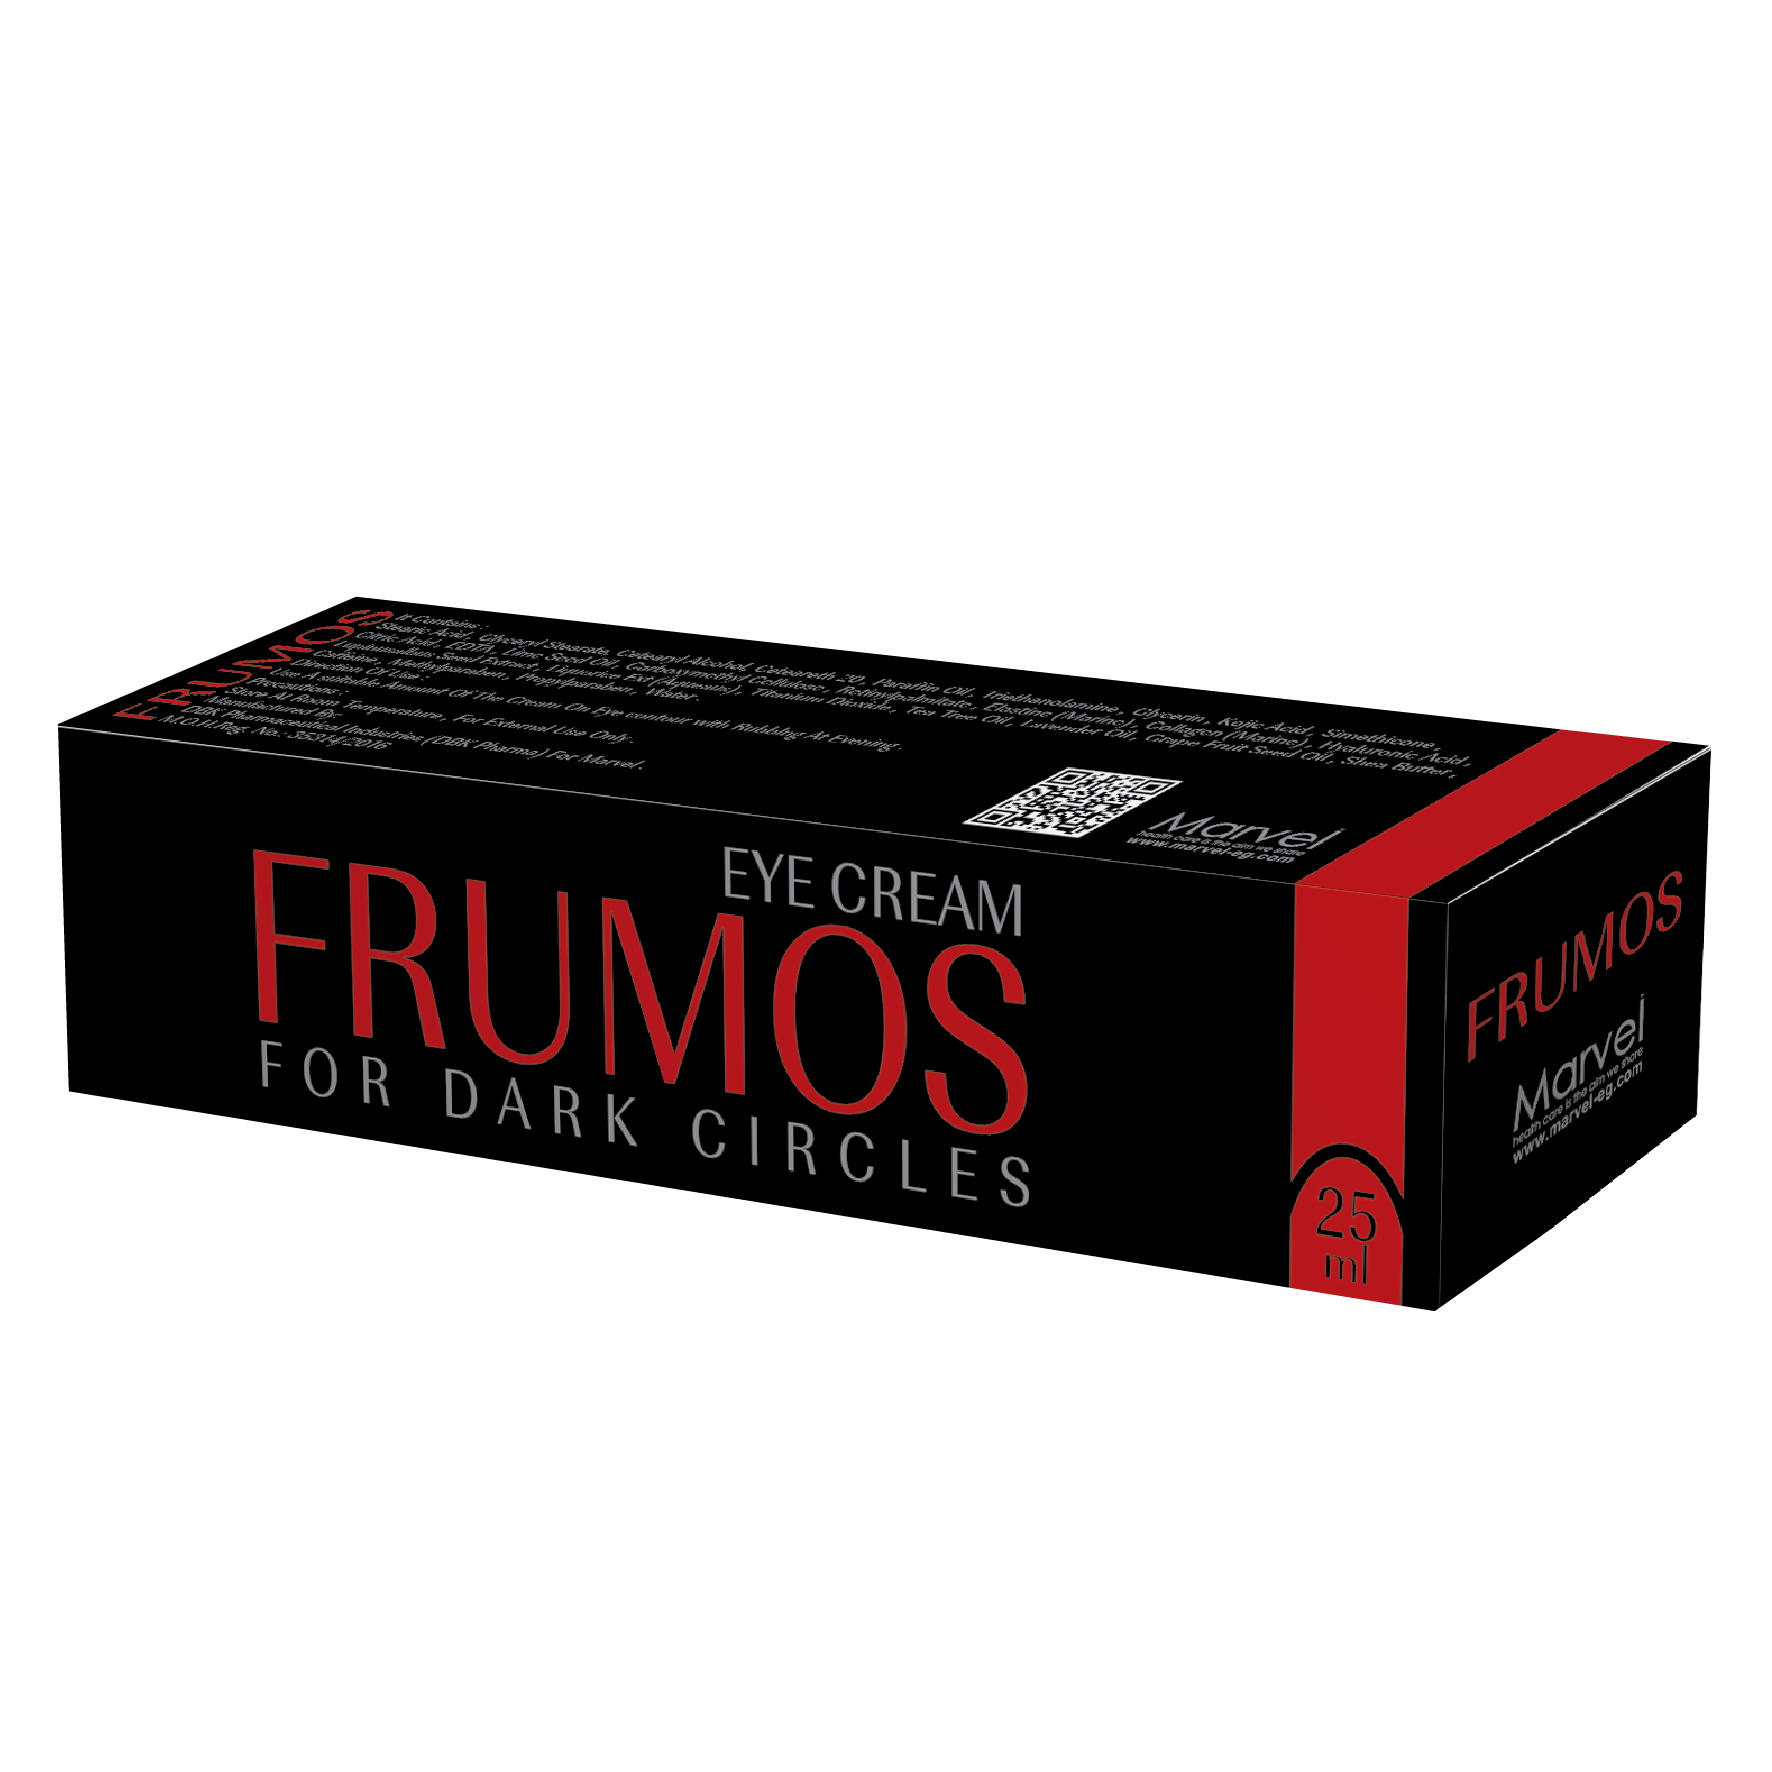 FRUMOS Eye Cream 00009